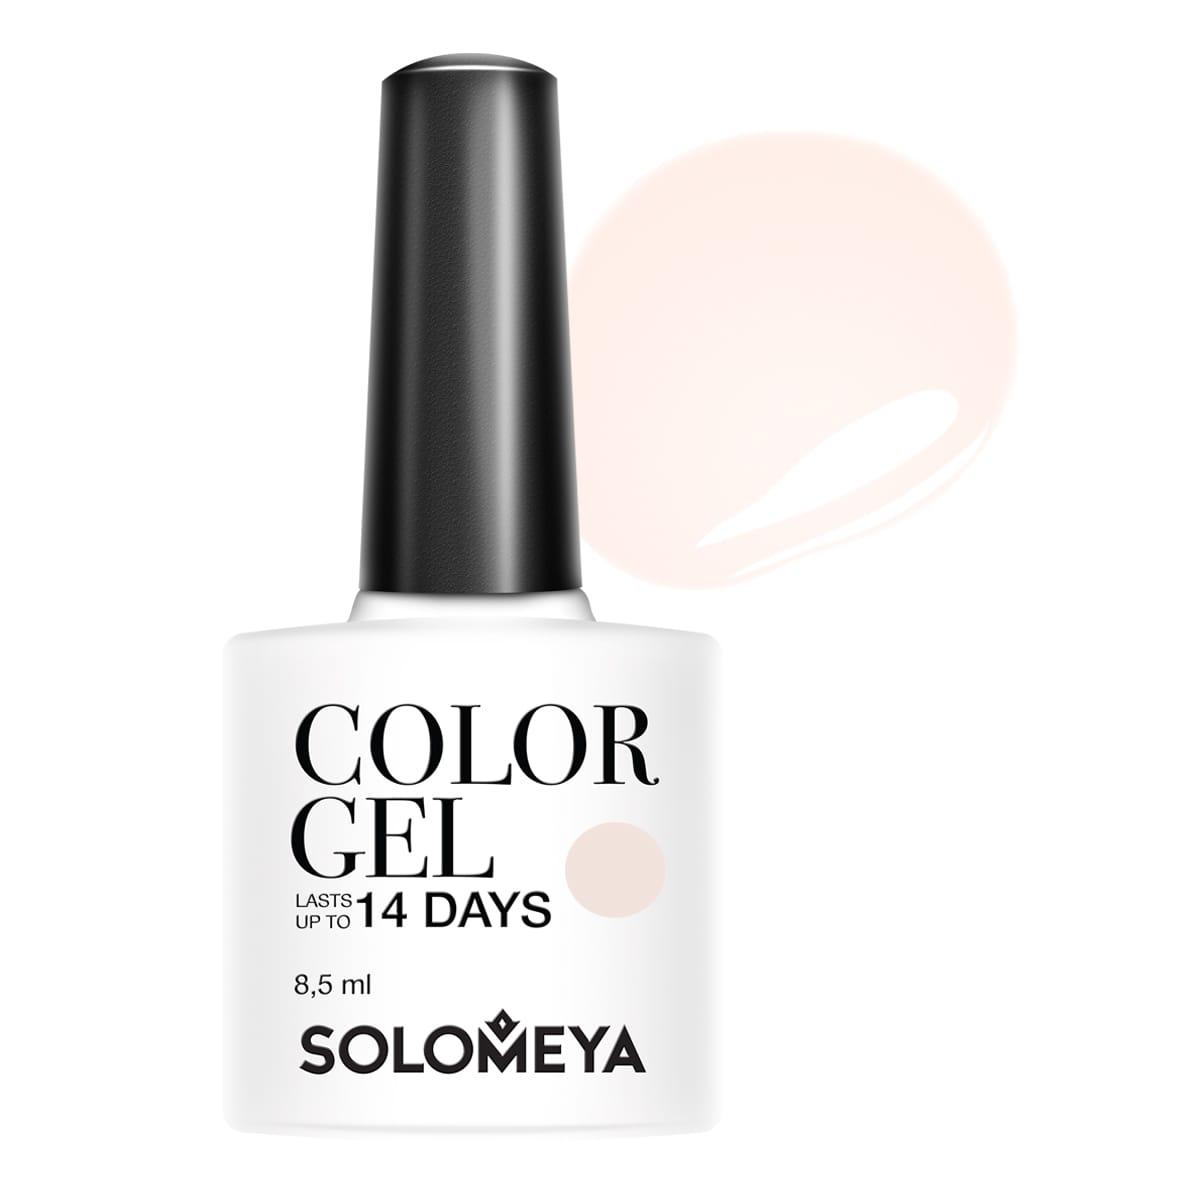 SOLOMEYA Гель-лак для ногтей SCGK007 Мой нежный / Color Gel My tender 8,5мл гель лак для ногтей solomeya color gel beret scg034 берет 8 5 мл